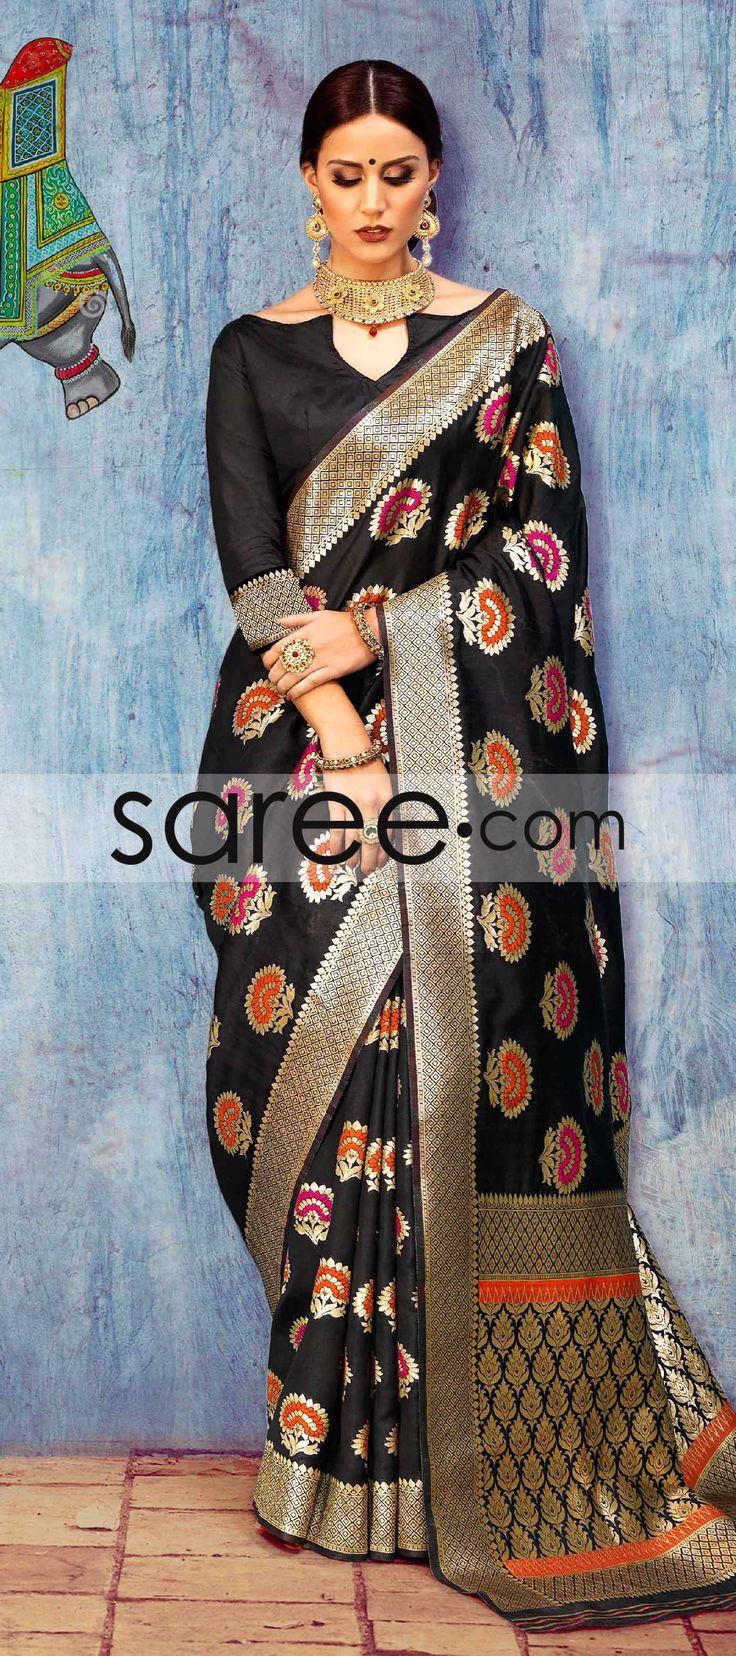 BLACK SILK SAREE WITH WEAVING #Saree #GeorgetteSarees #IndianSaree #Sarees #SilkSarees #PartywearSarees #RegularwearSarees #officeWearSarees #WeddingSarees #BuyOnline #OnlieSarees #NetSarees #ChiffonSarees #DesignerSarees #SareeFashion